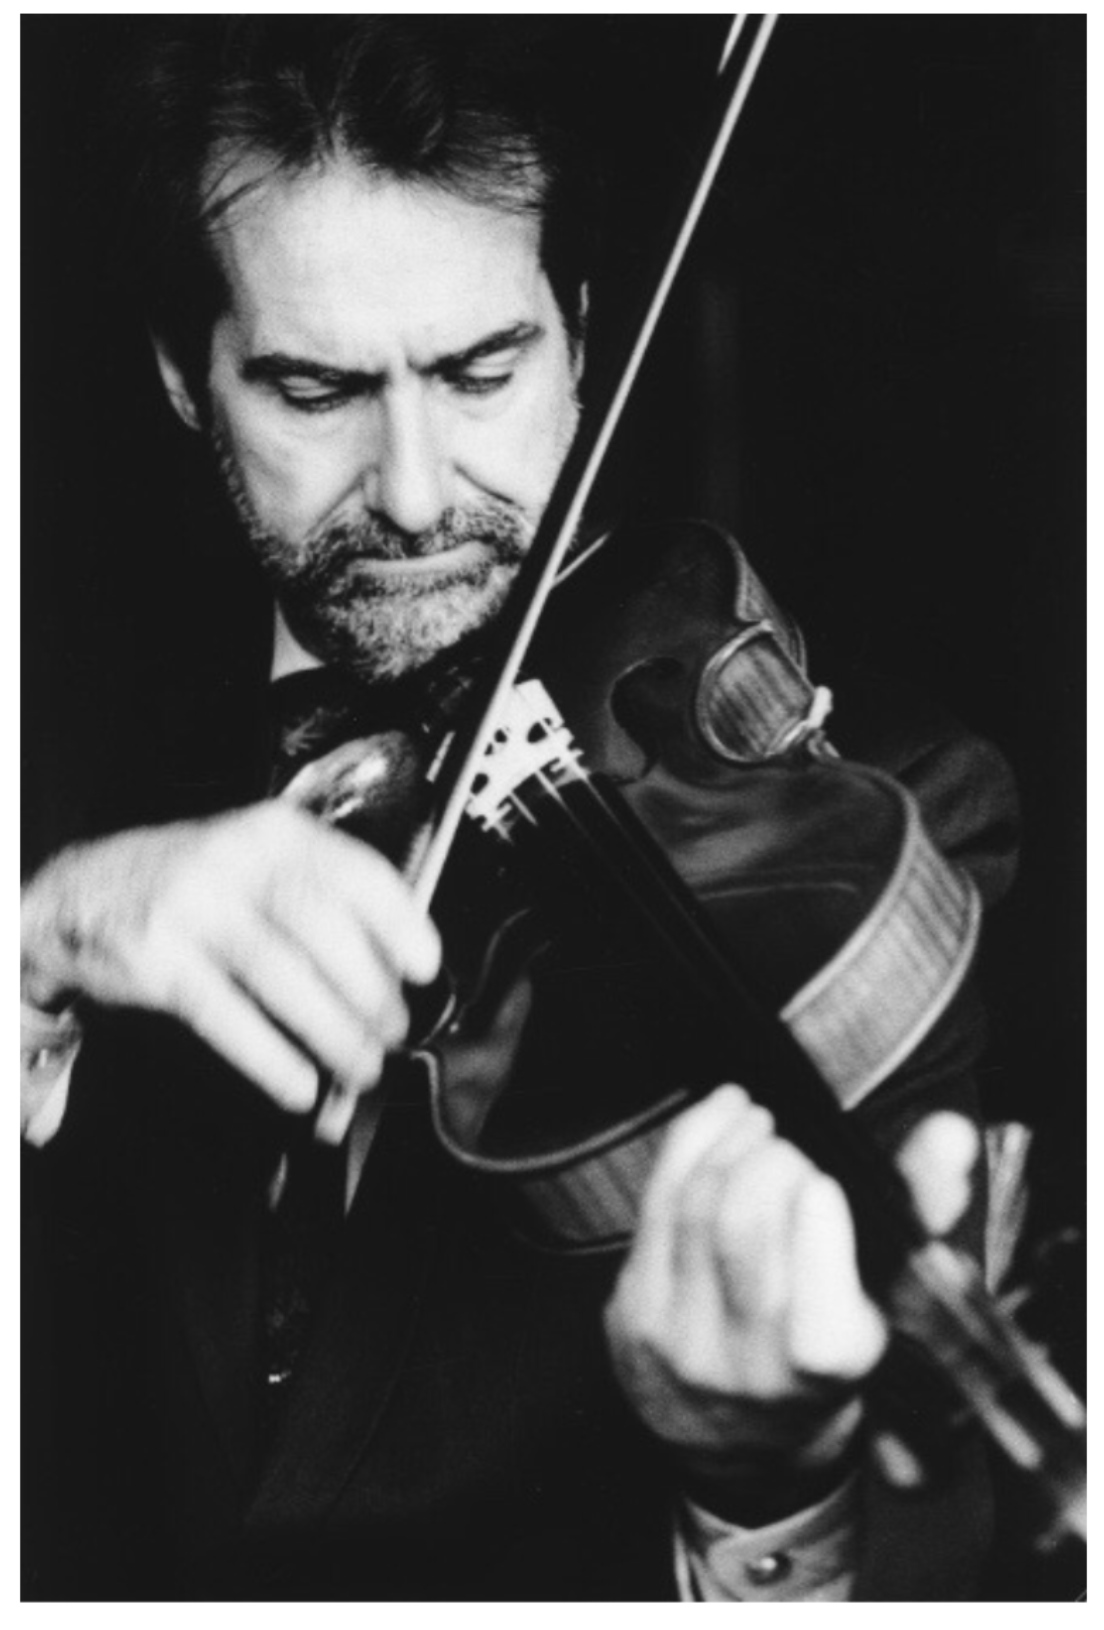 Giancarlo Di Vacri